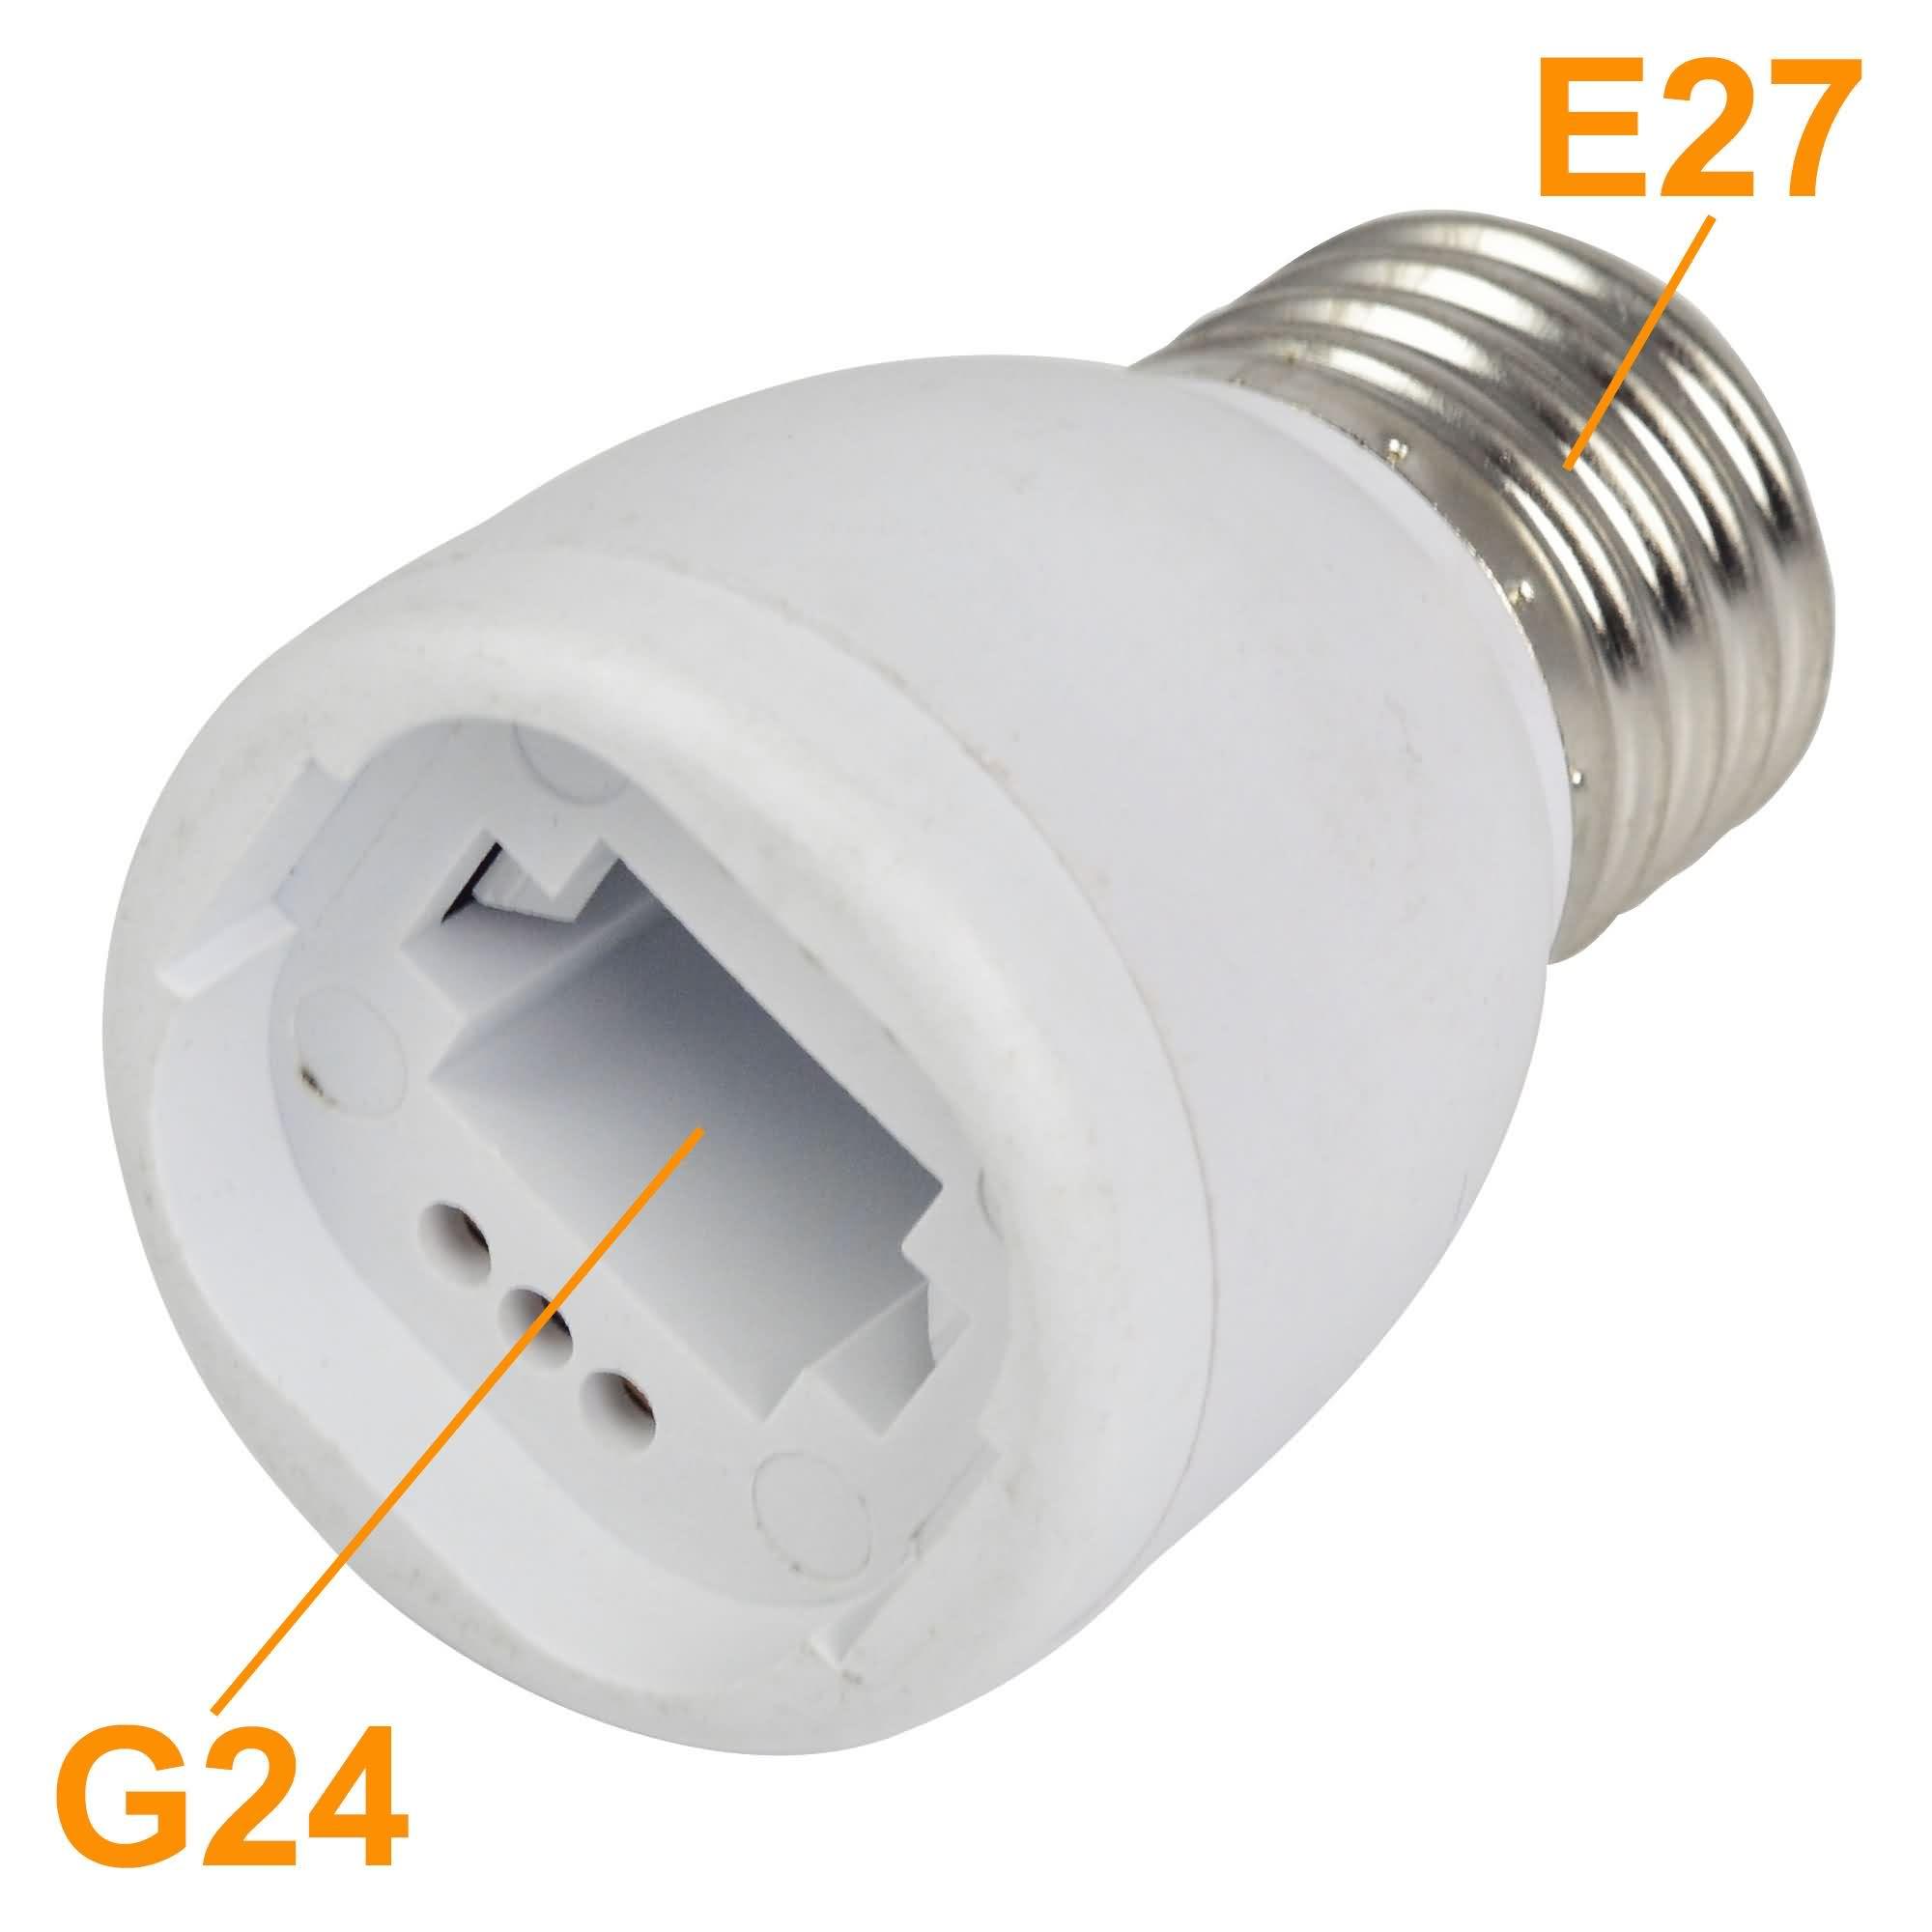 MengsLED – MENGS® E27 To G24 LED Light Bulb Lamp Socket ...